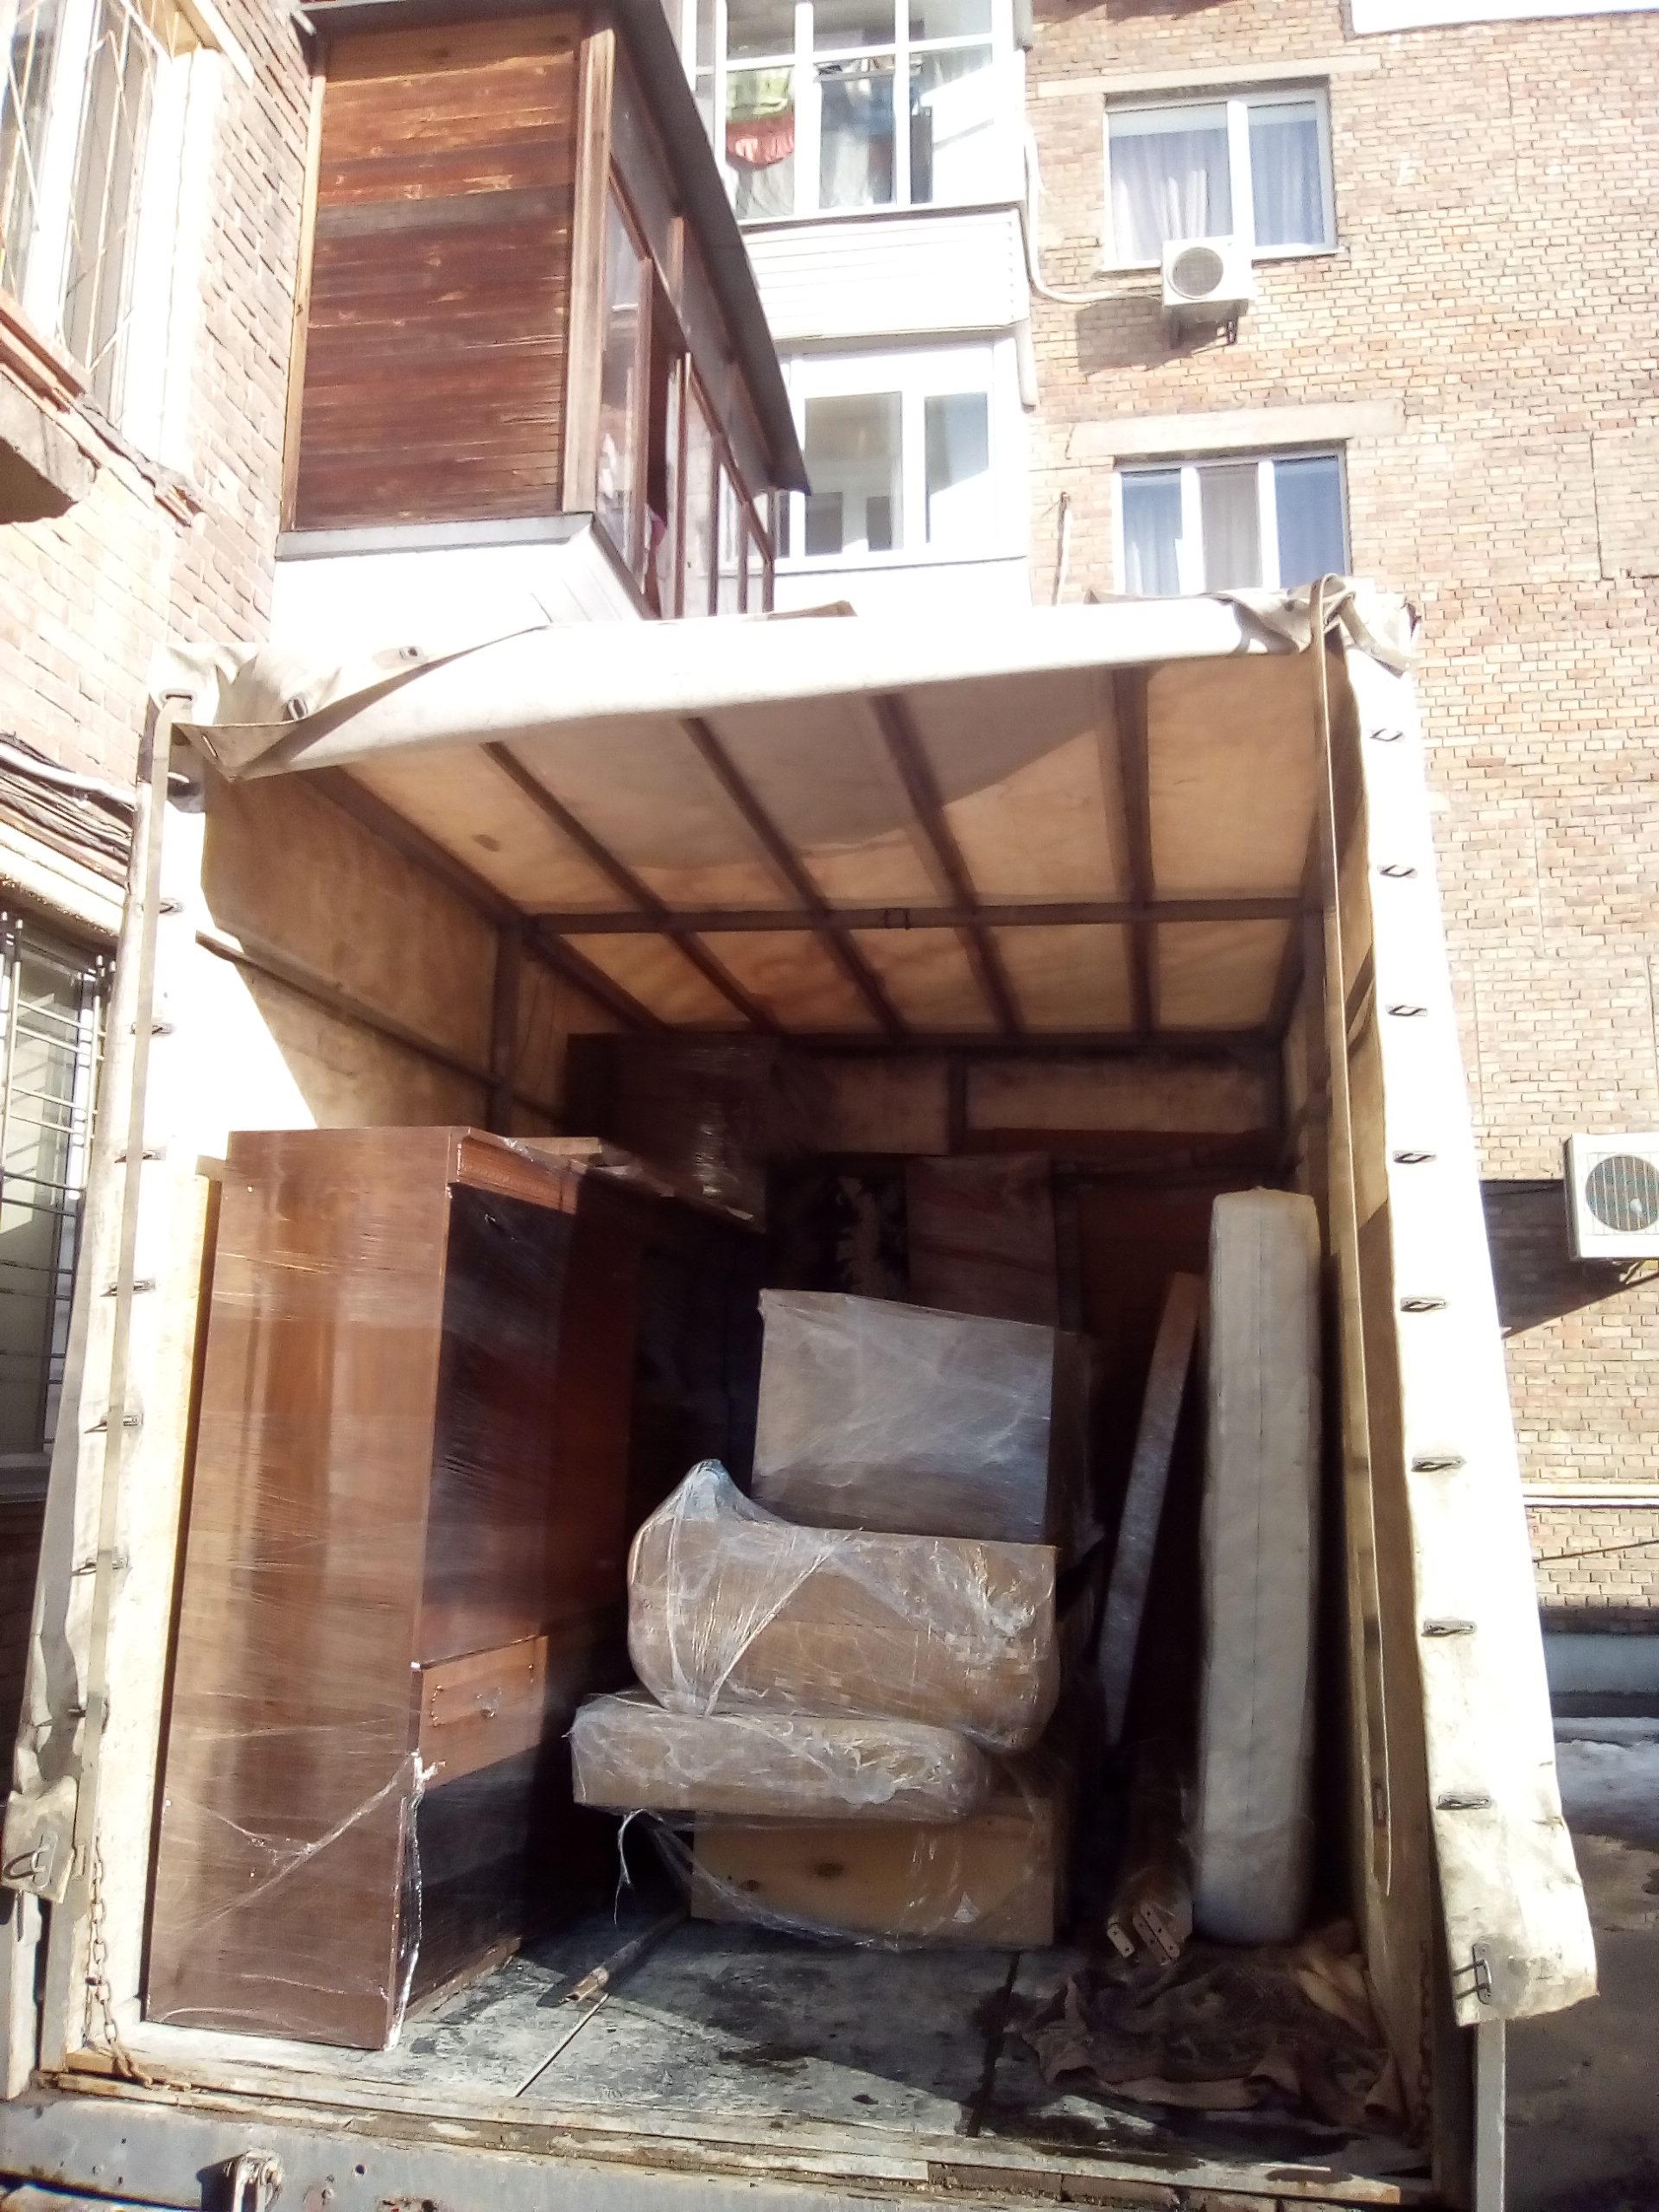 Фото переезд 2ух комнатной квартиры 3 этаж без лифта.в 11 этаж с лифтом.3 часа